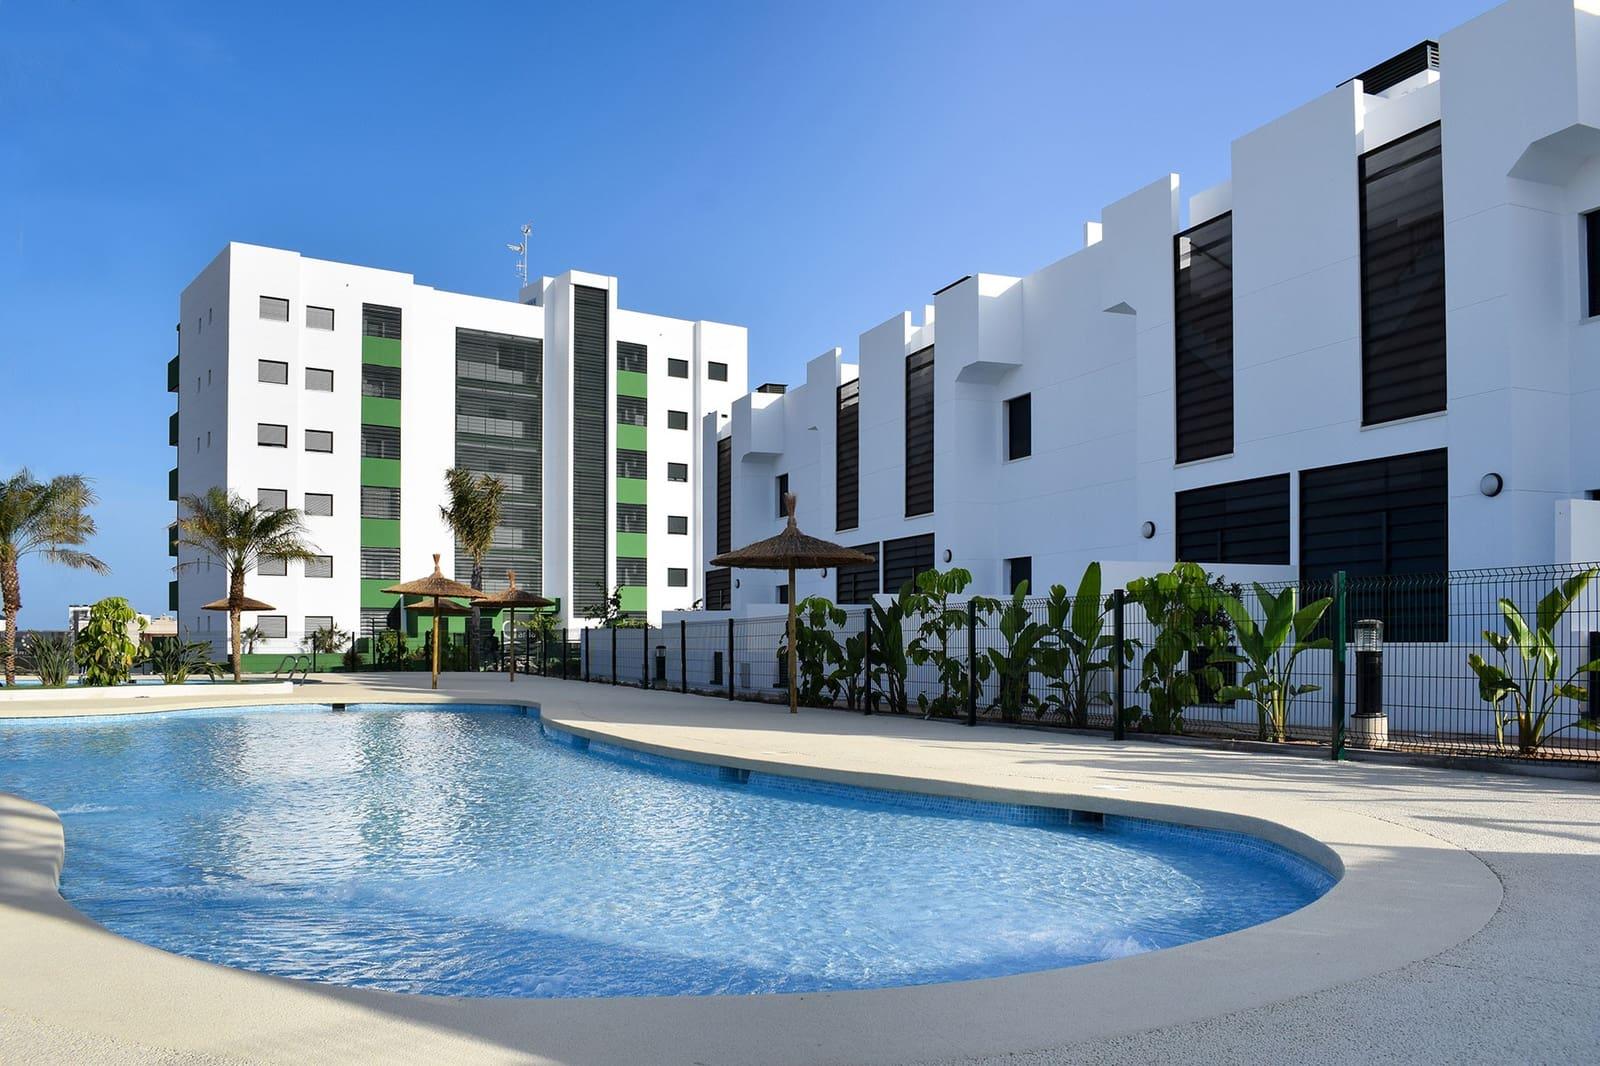 Apartamento de 3 habitaciones en Pilar de la Horadada en venta con piscina - 189.000 € (Ref: 4913089)